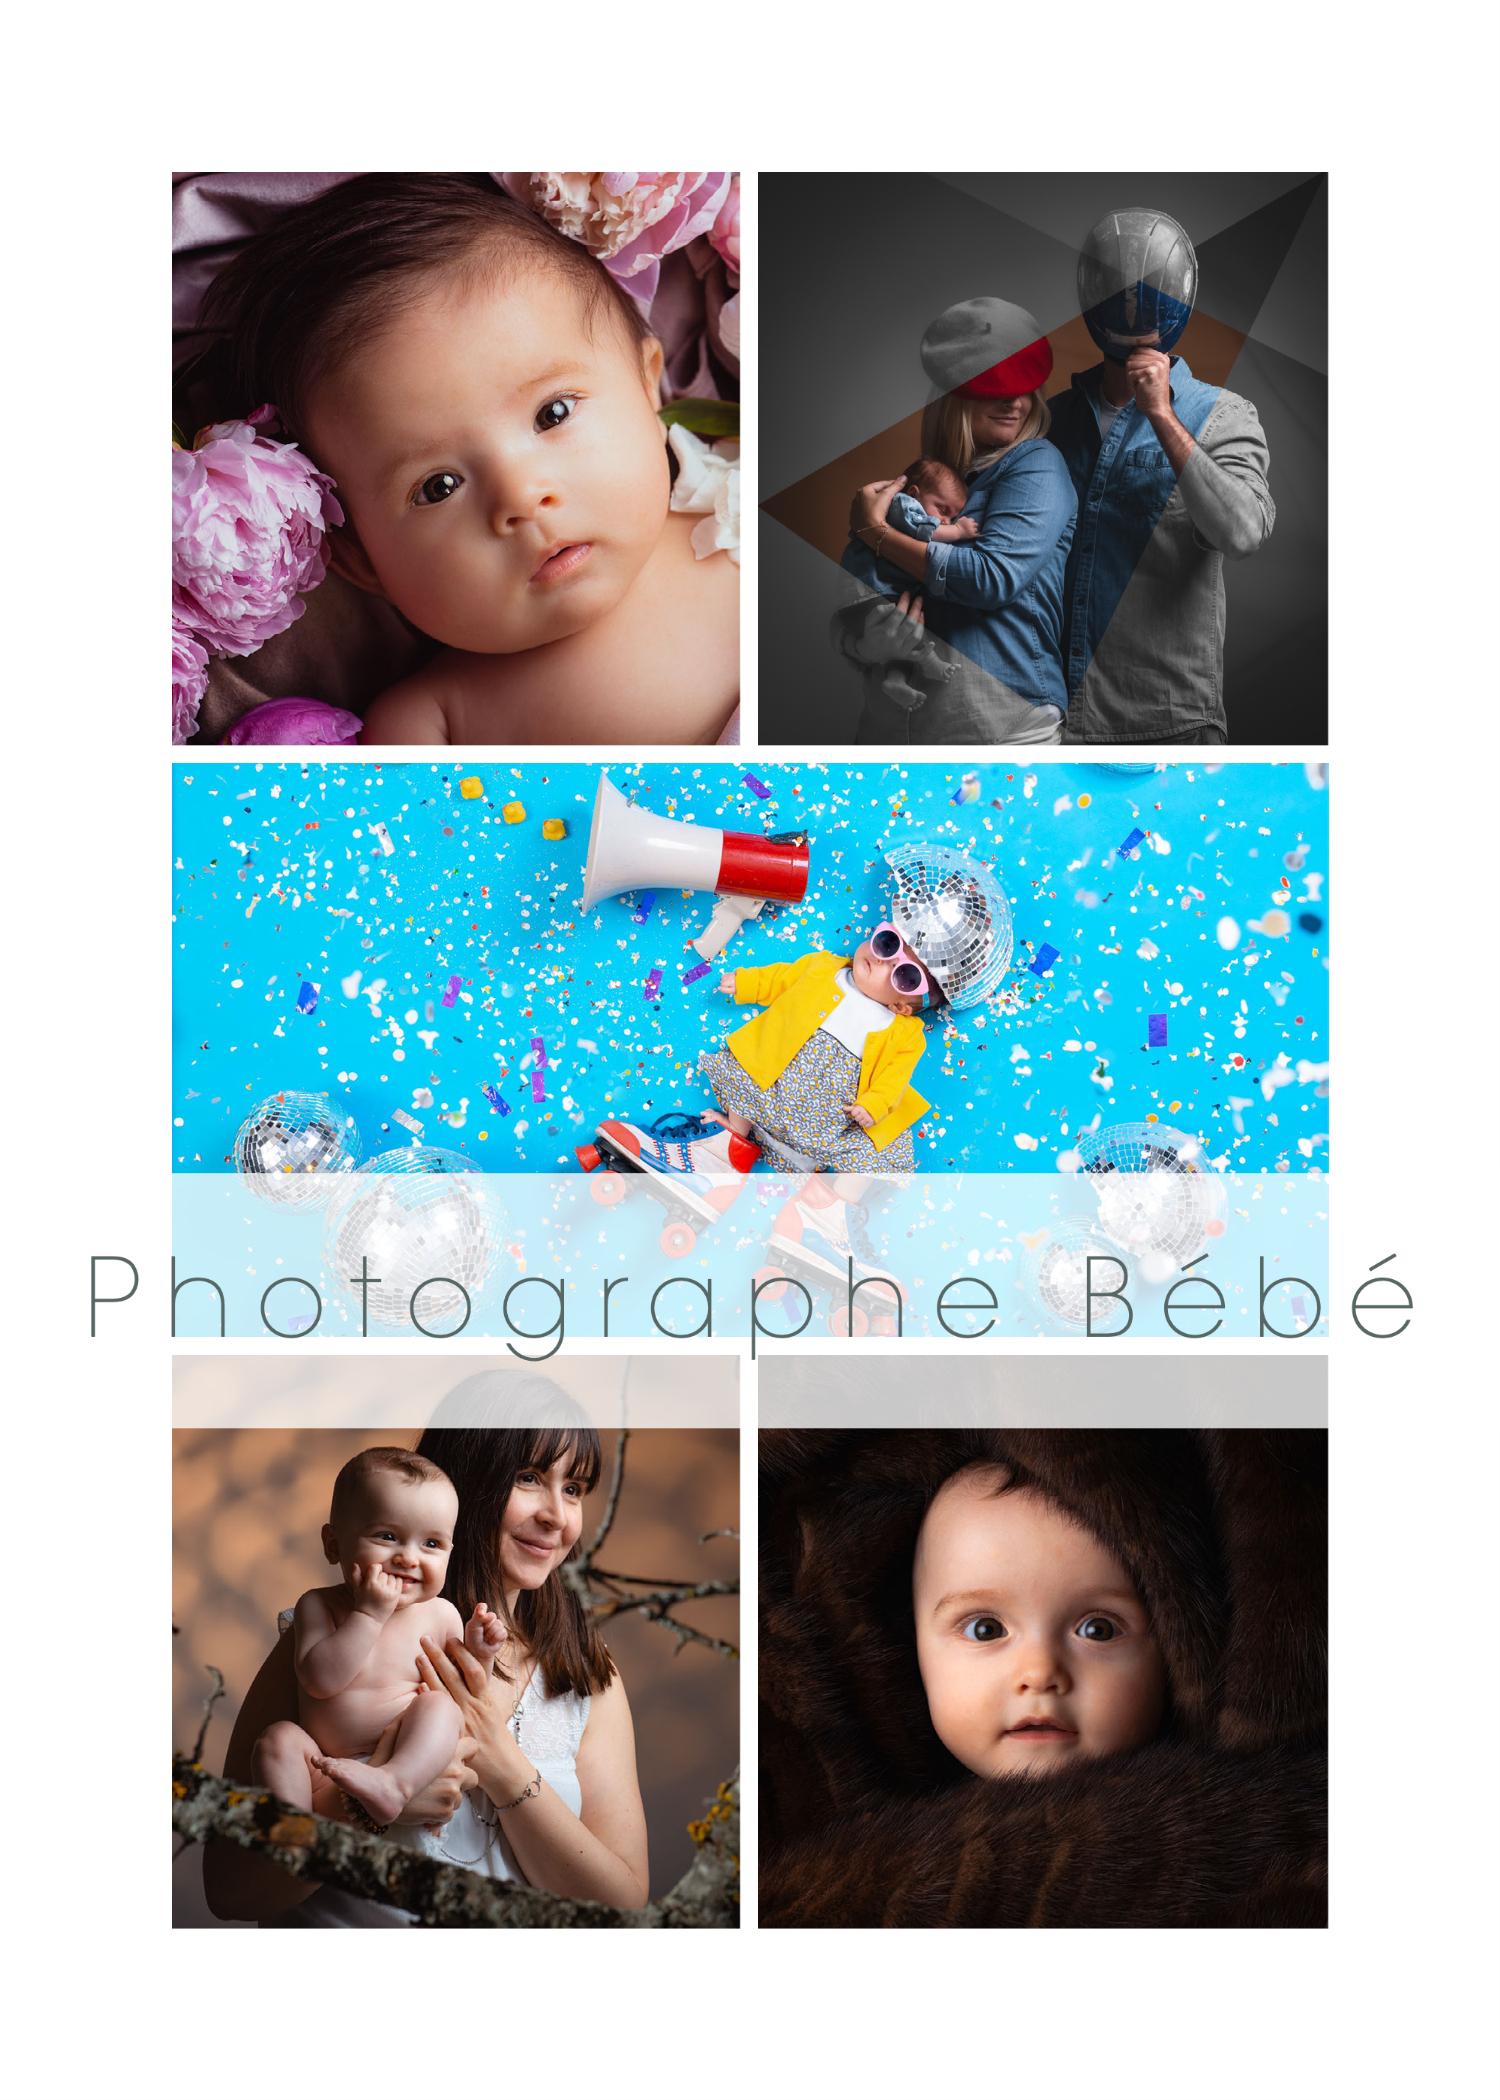 photographe bebe, shooting photo naissance, photo nouveau ne, cadeau naissance, seance shooting photo studio famille